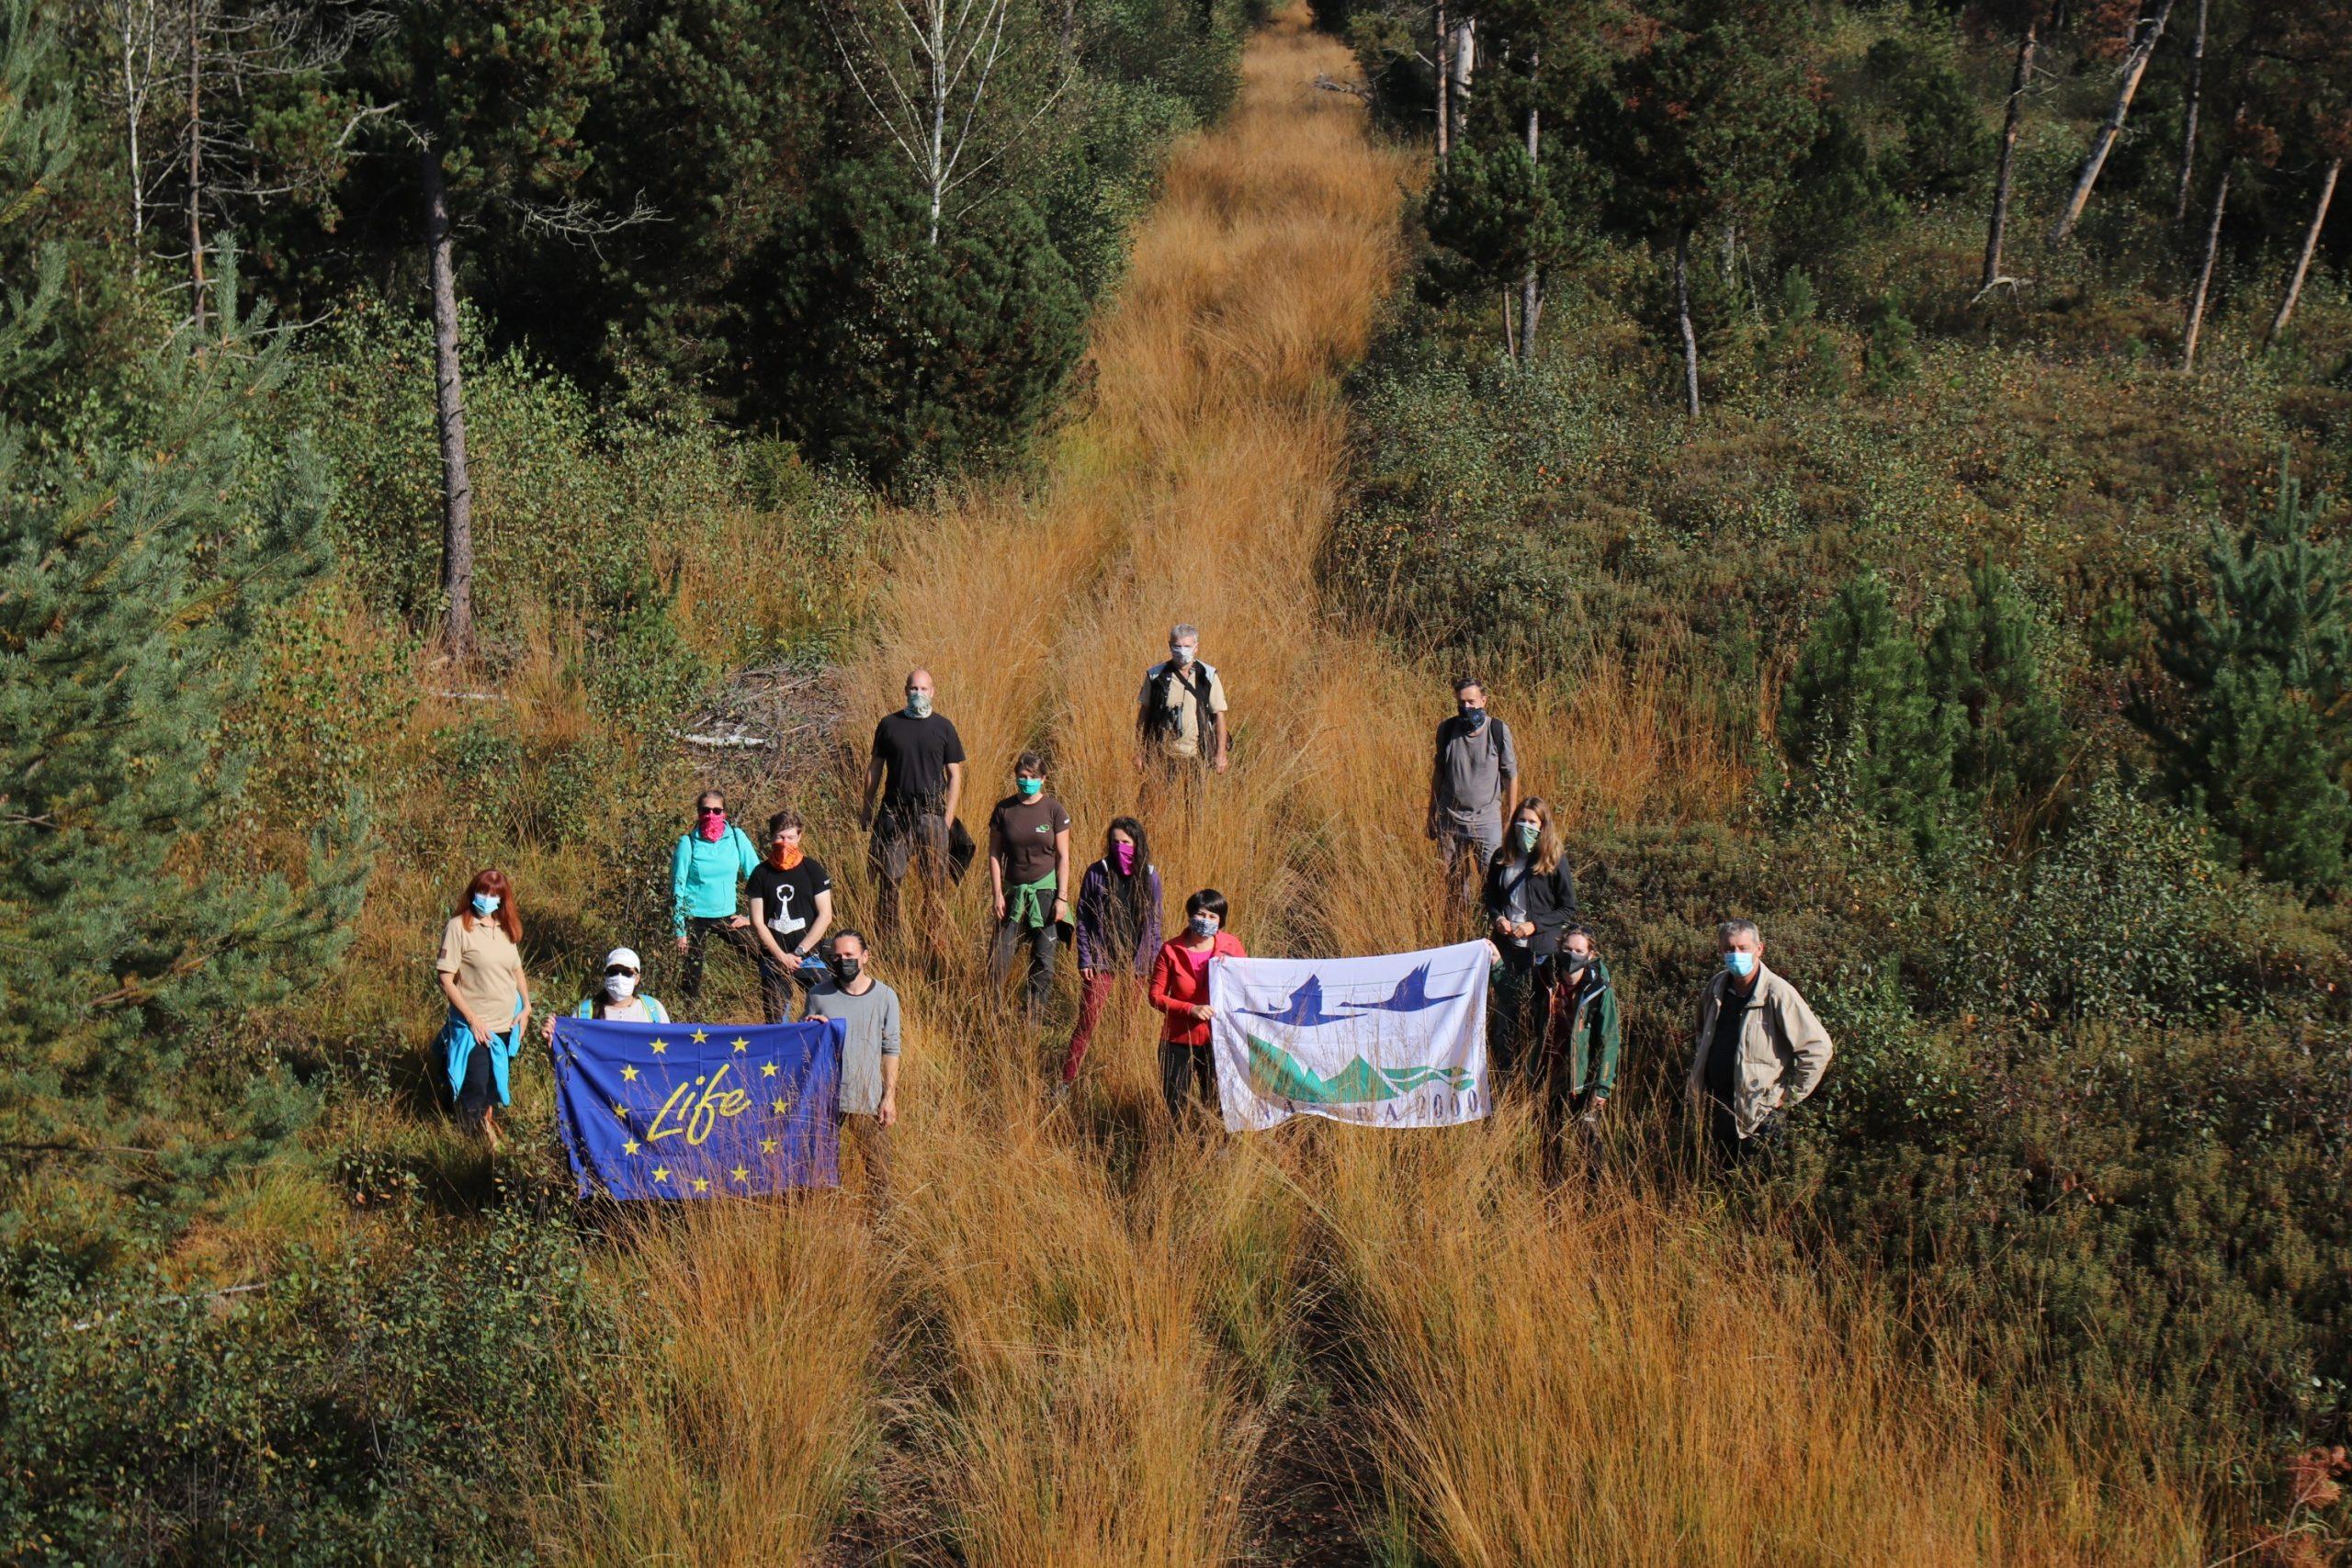 Setkání zástupců čtyř českých projektů LIFE v evropsky významné lokalitě Borkovická Blata. Foto: Ondřej Nitsch